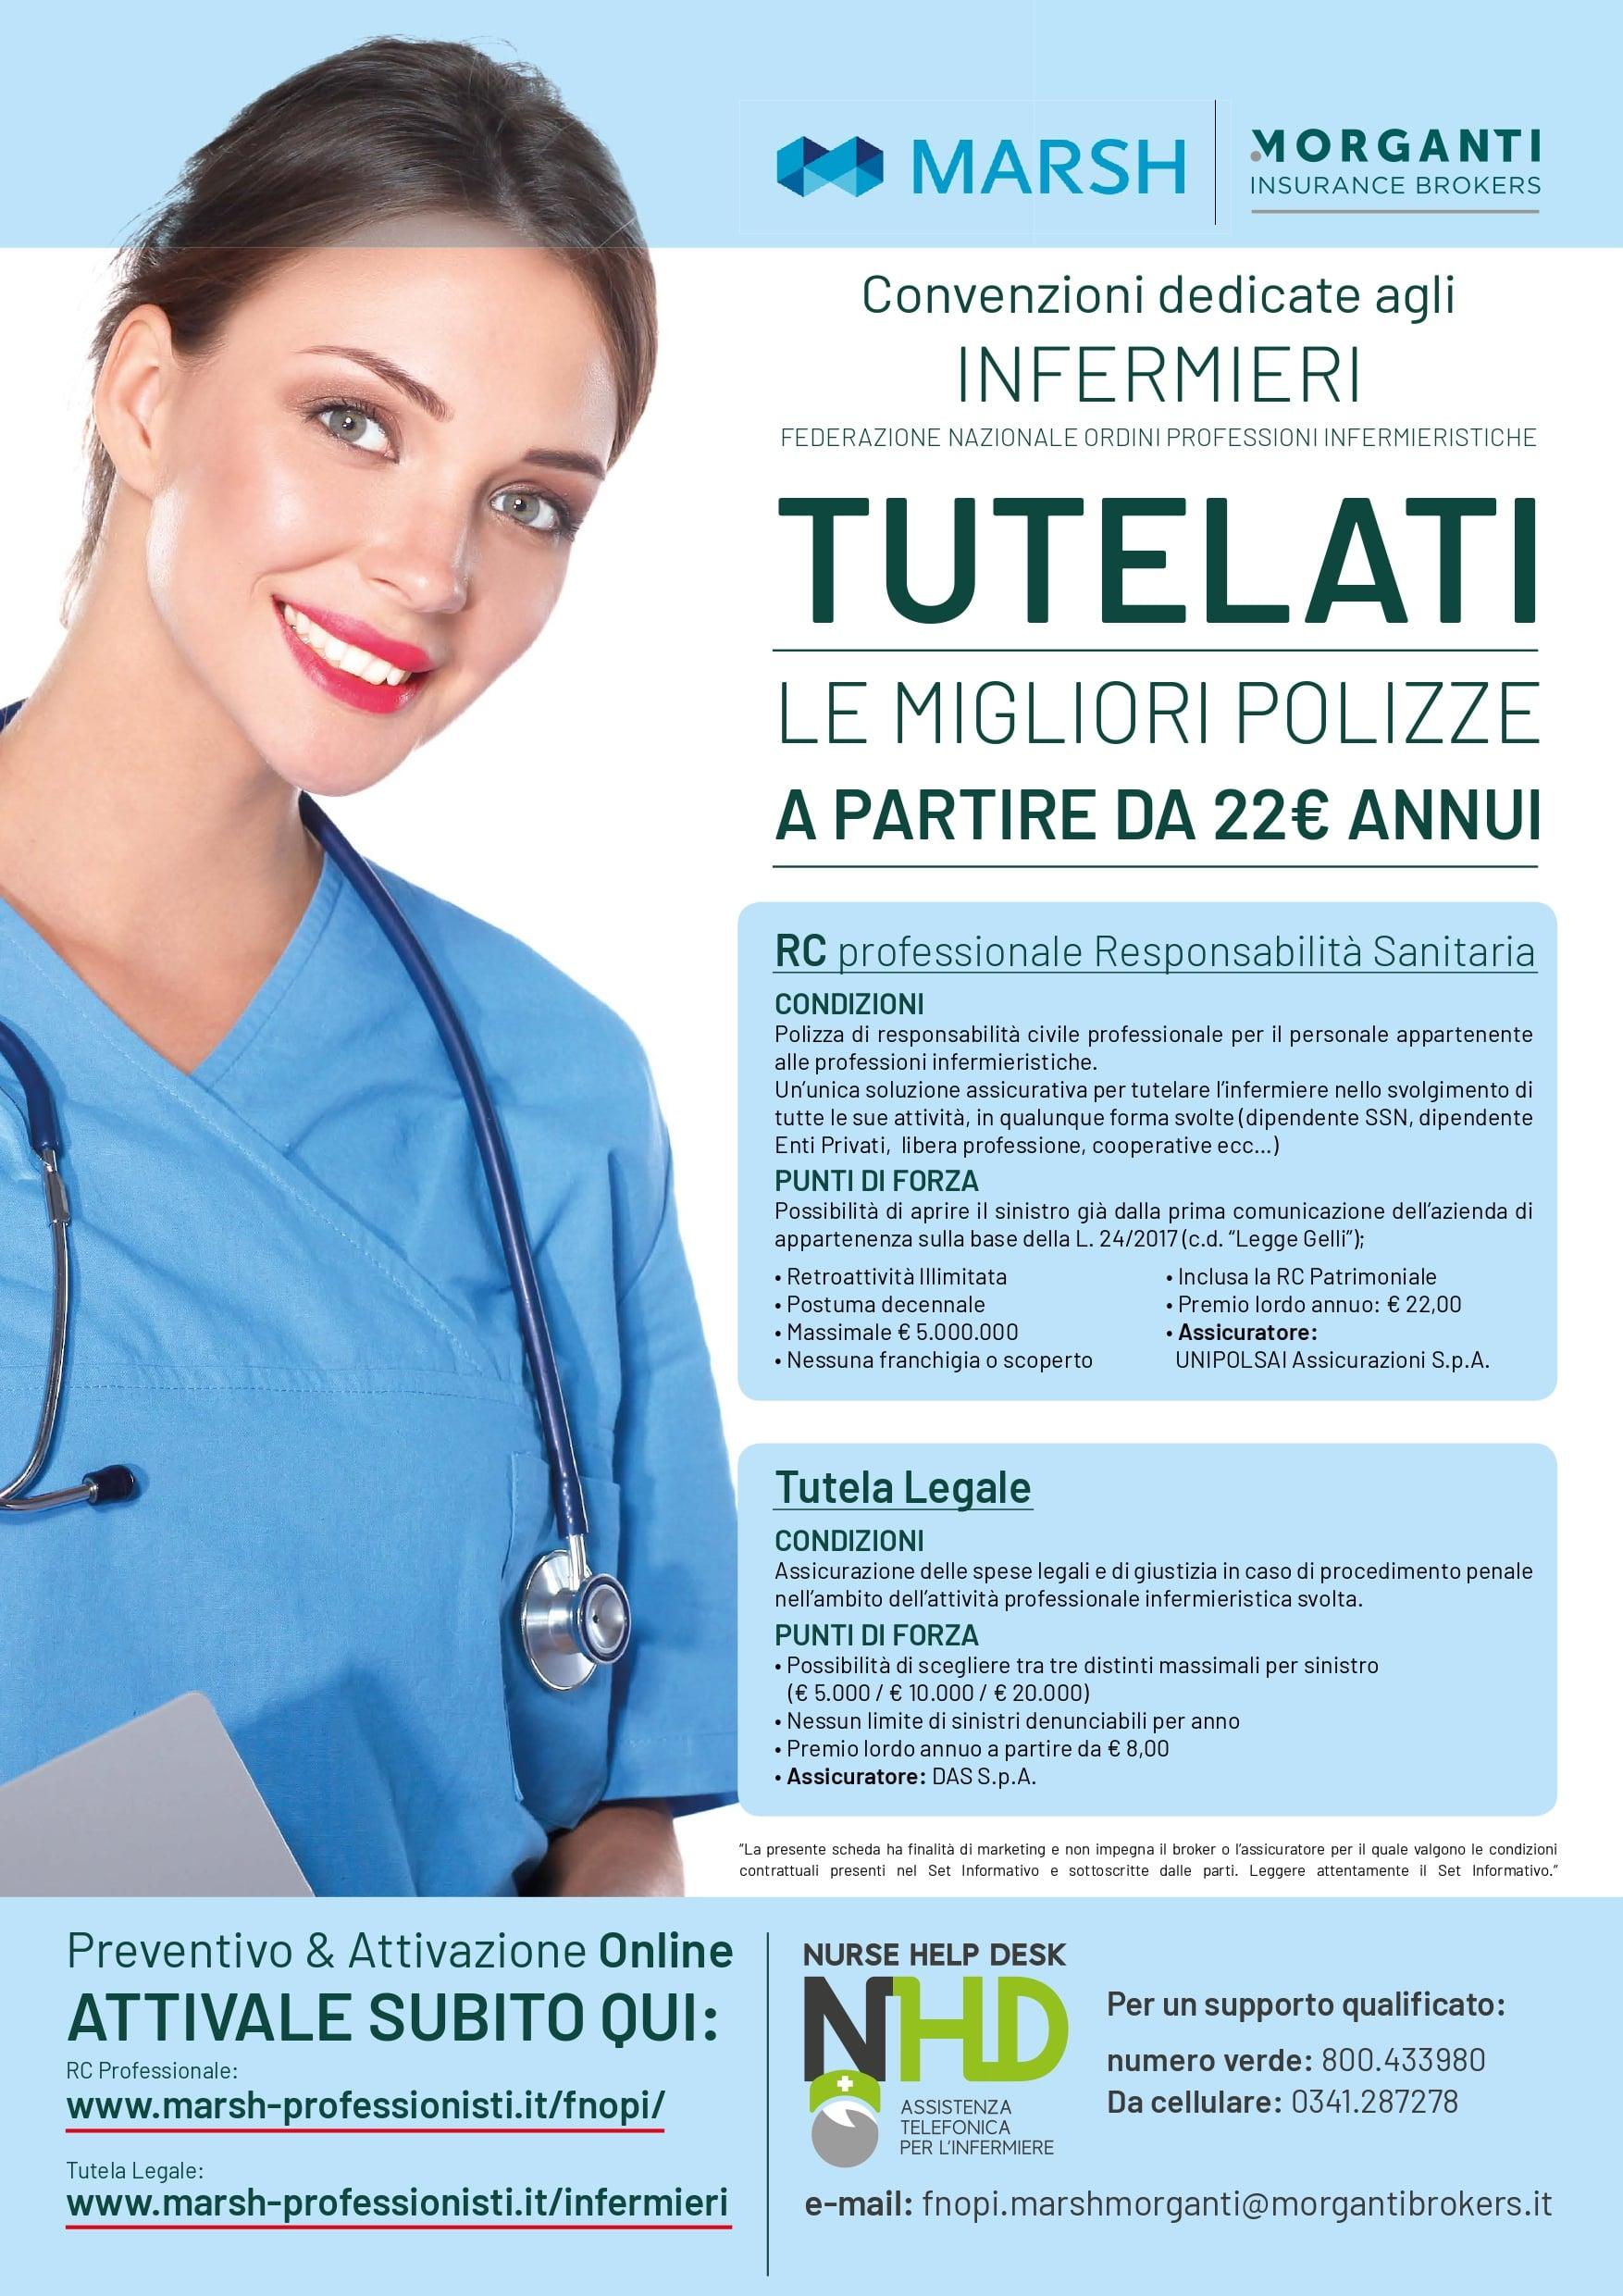 locandina infermieri assicurazione2